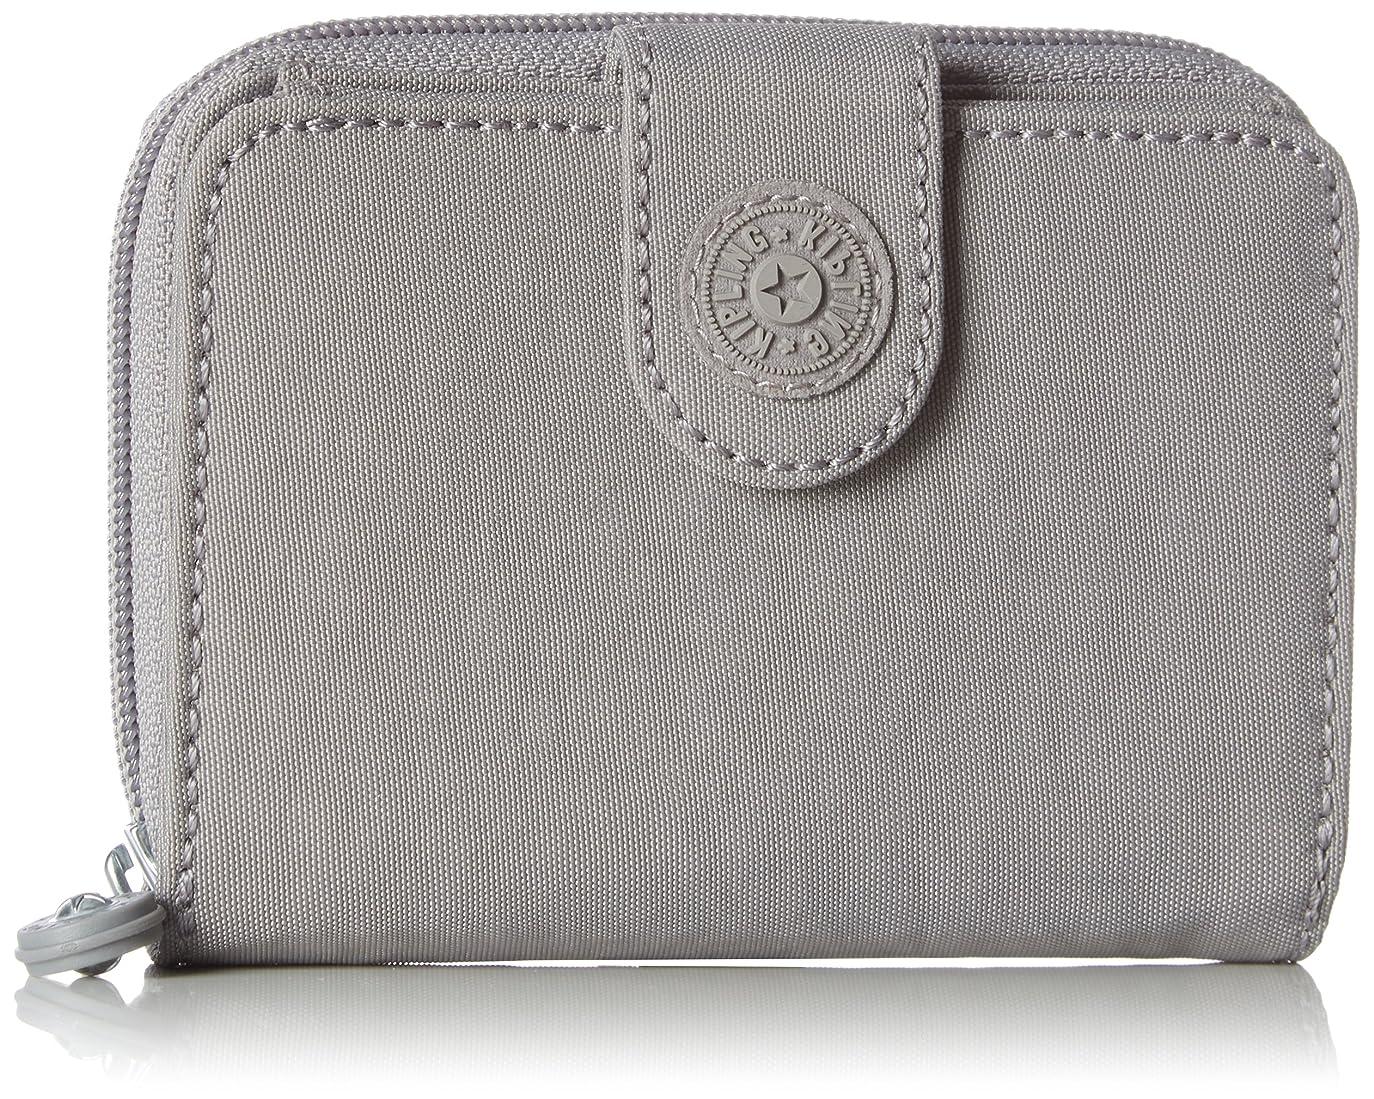 発送有用見込み(Grey (Urban Grey C)) - Kipling Women's New Money Wallet